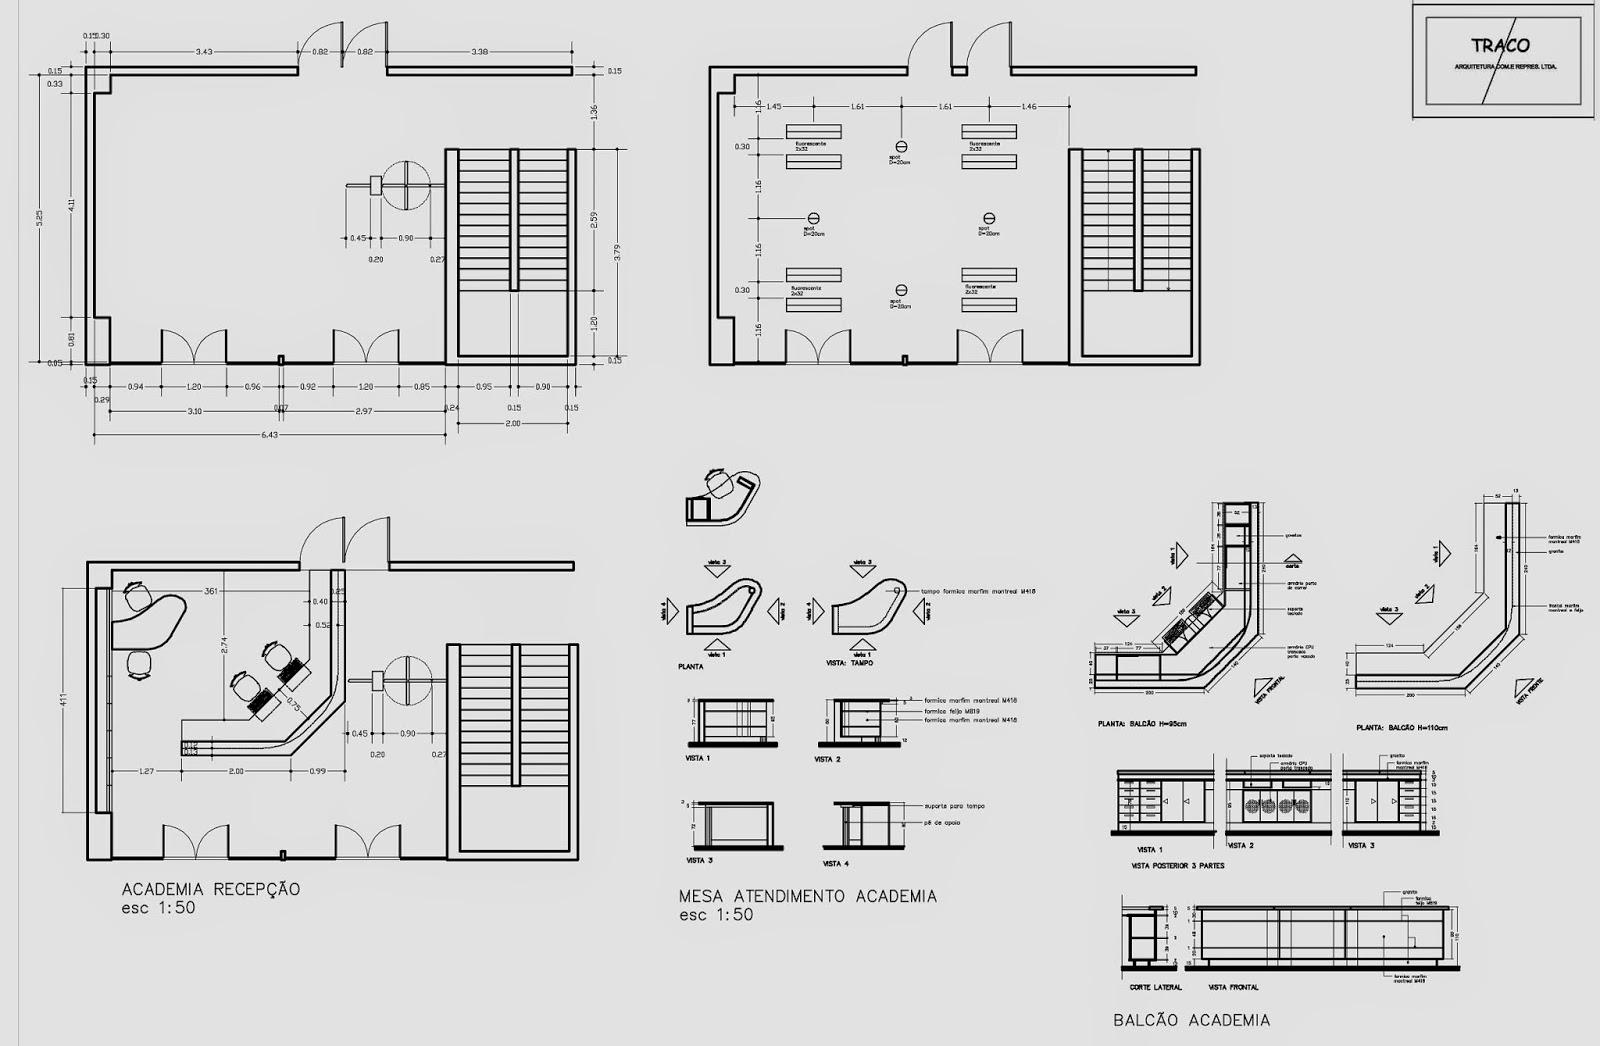 Utilizando o autocad 2d desenvolvendo plantas cortes perspectivas  #363636 1600x1046 Banheiro Acessibilidade Bloco Cad